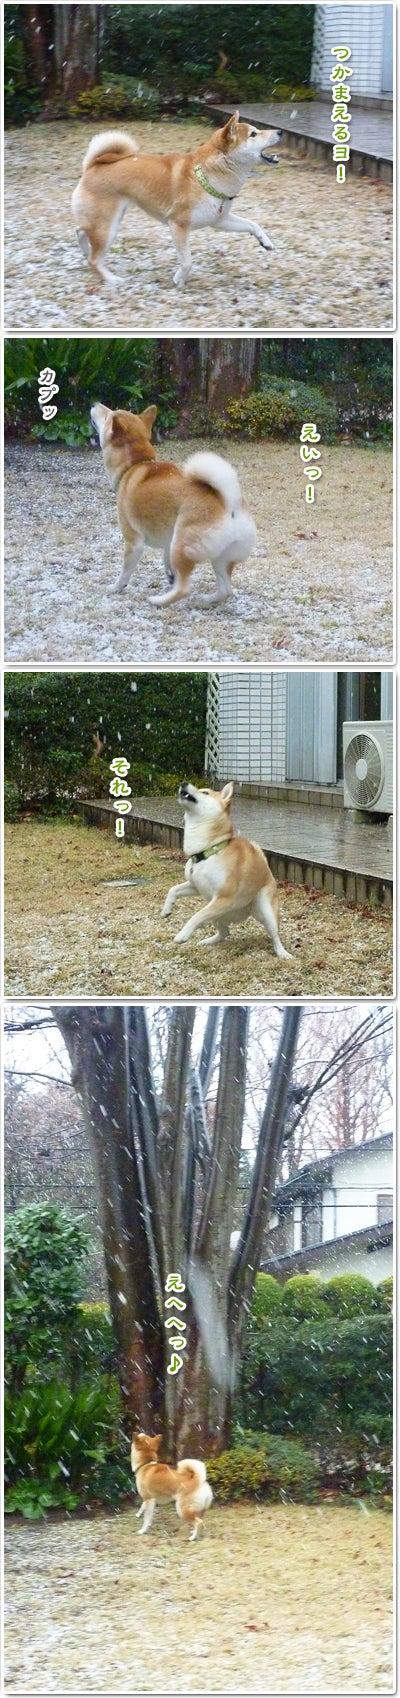 あたち柴犬 抹茶だヨ!  - 伊賀忍者柴犬の道 --120127_p5お菓子の妖精